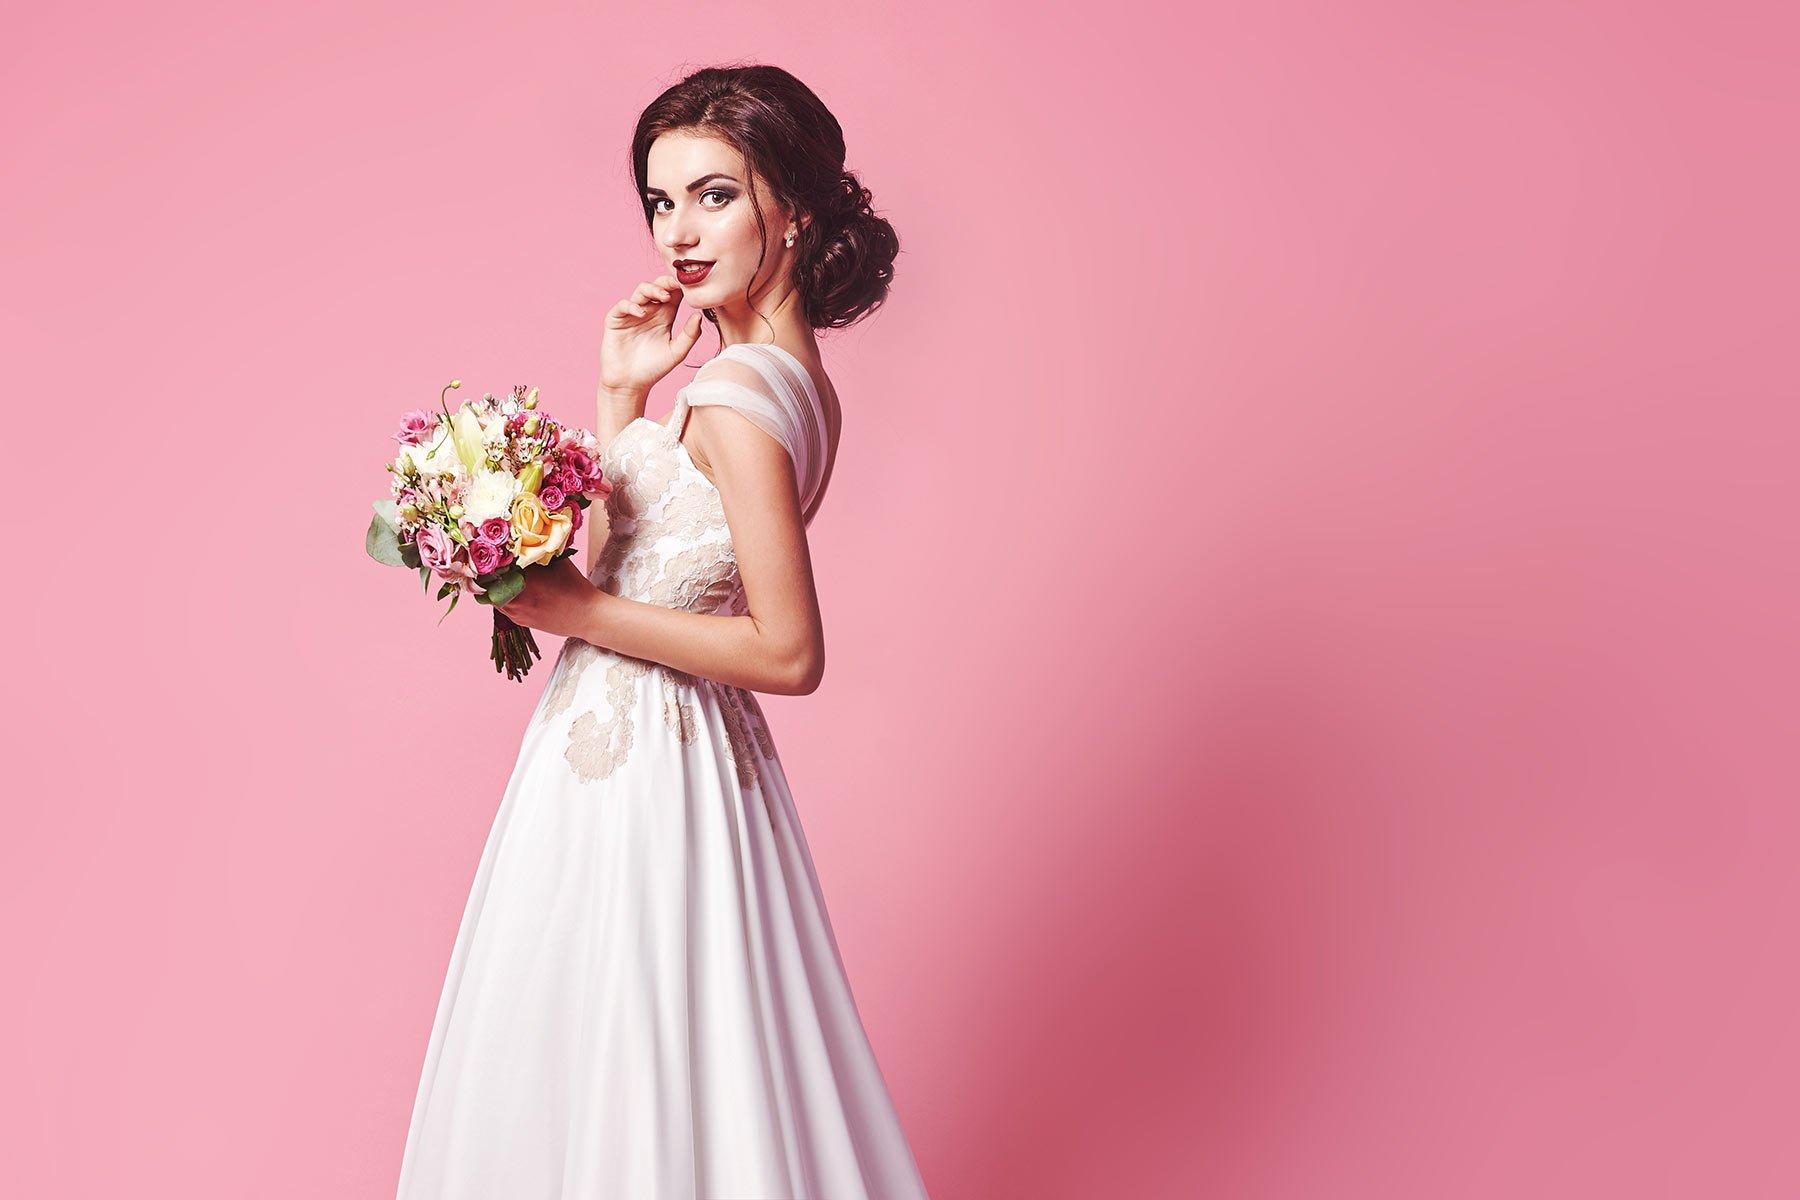 Dauerhafter Service modisches und attraktives Paket Laufschuhe Brautkleid online kaufen: Das sind unsere Shop-Empfehlungen